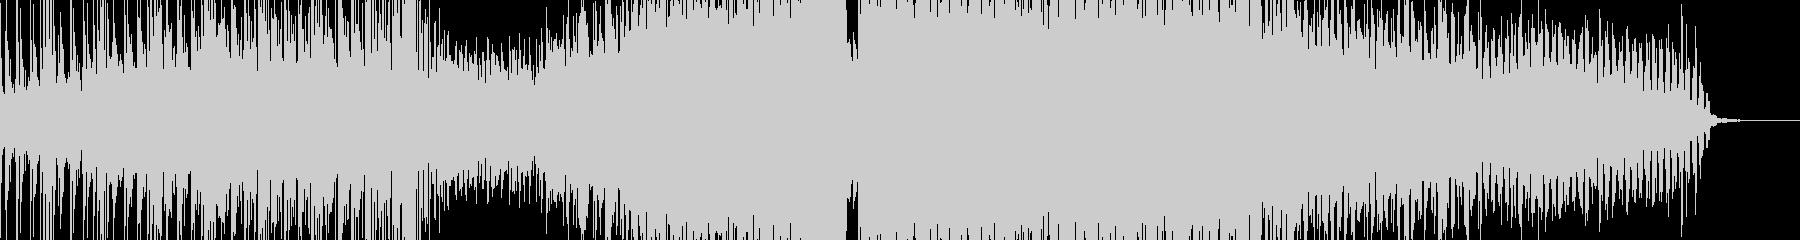 壮大なレトロウェーブの未再生の波形